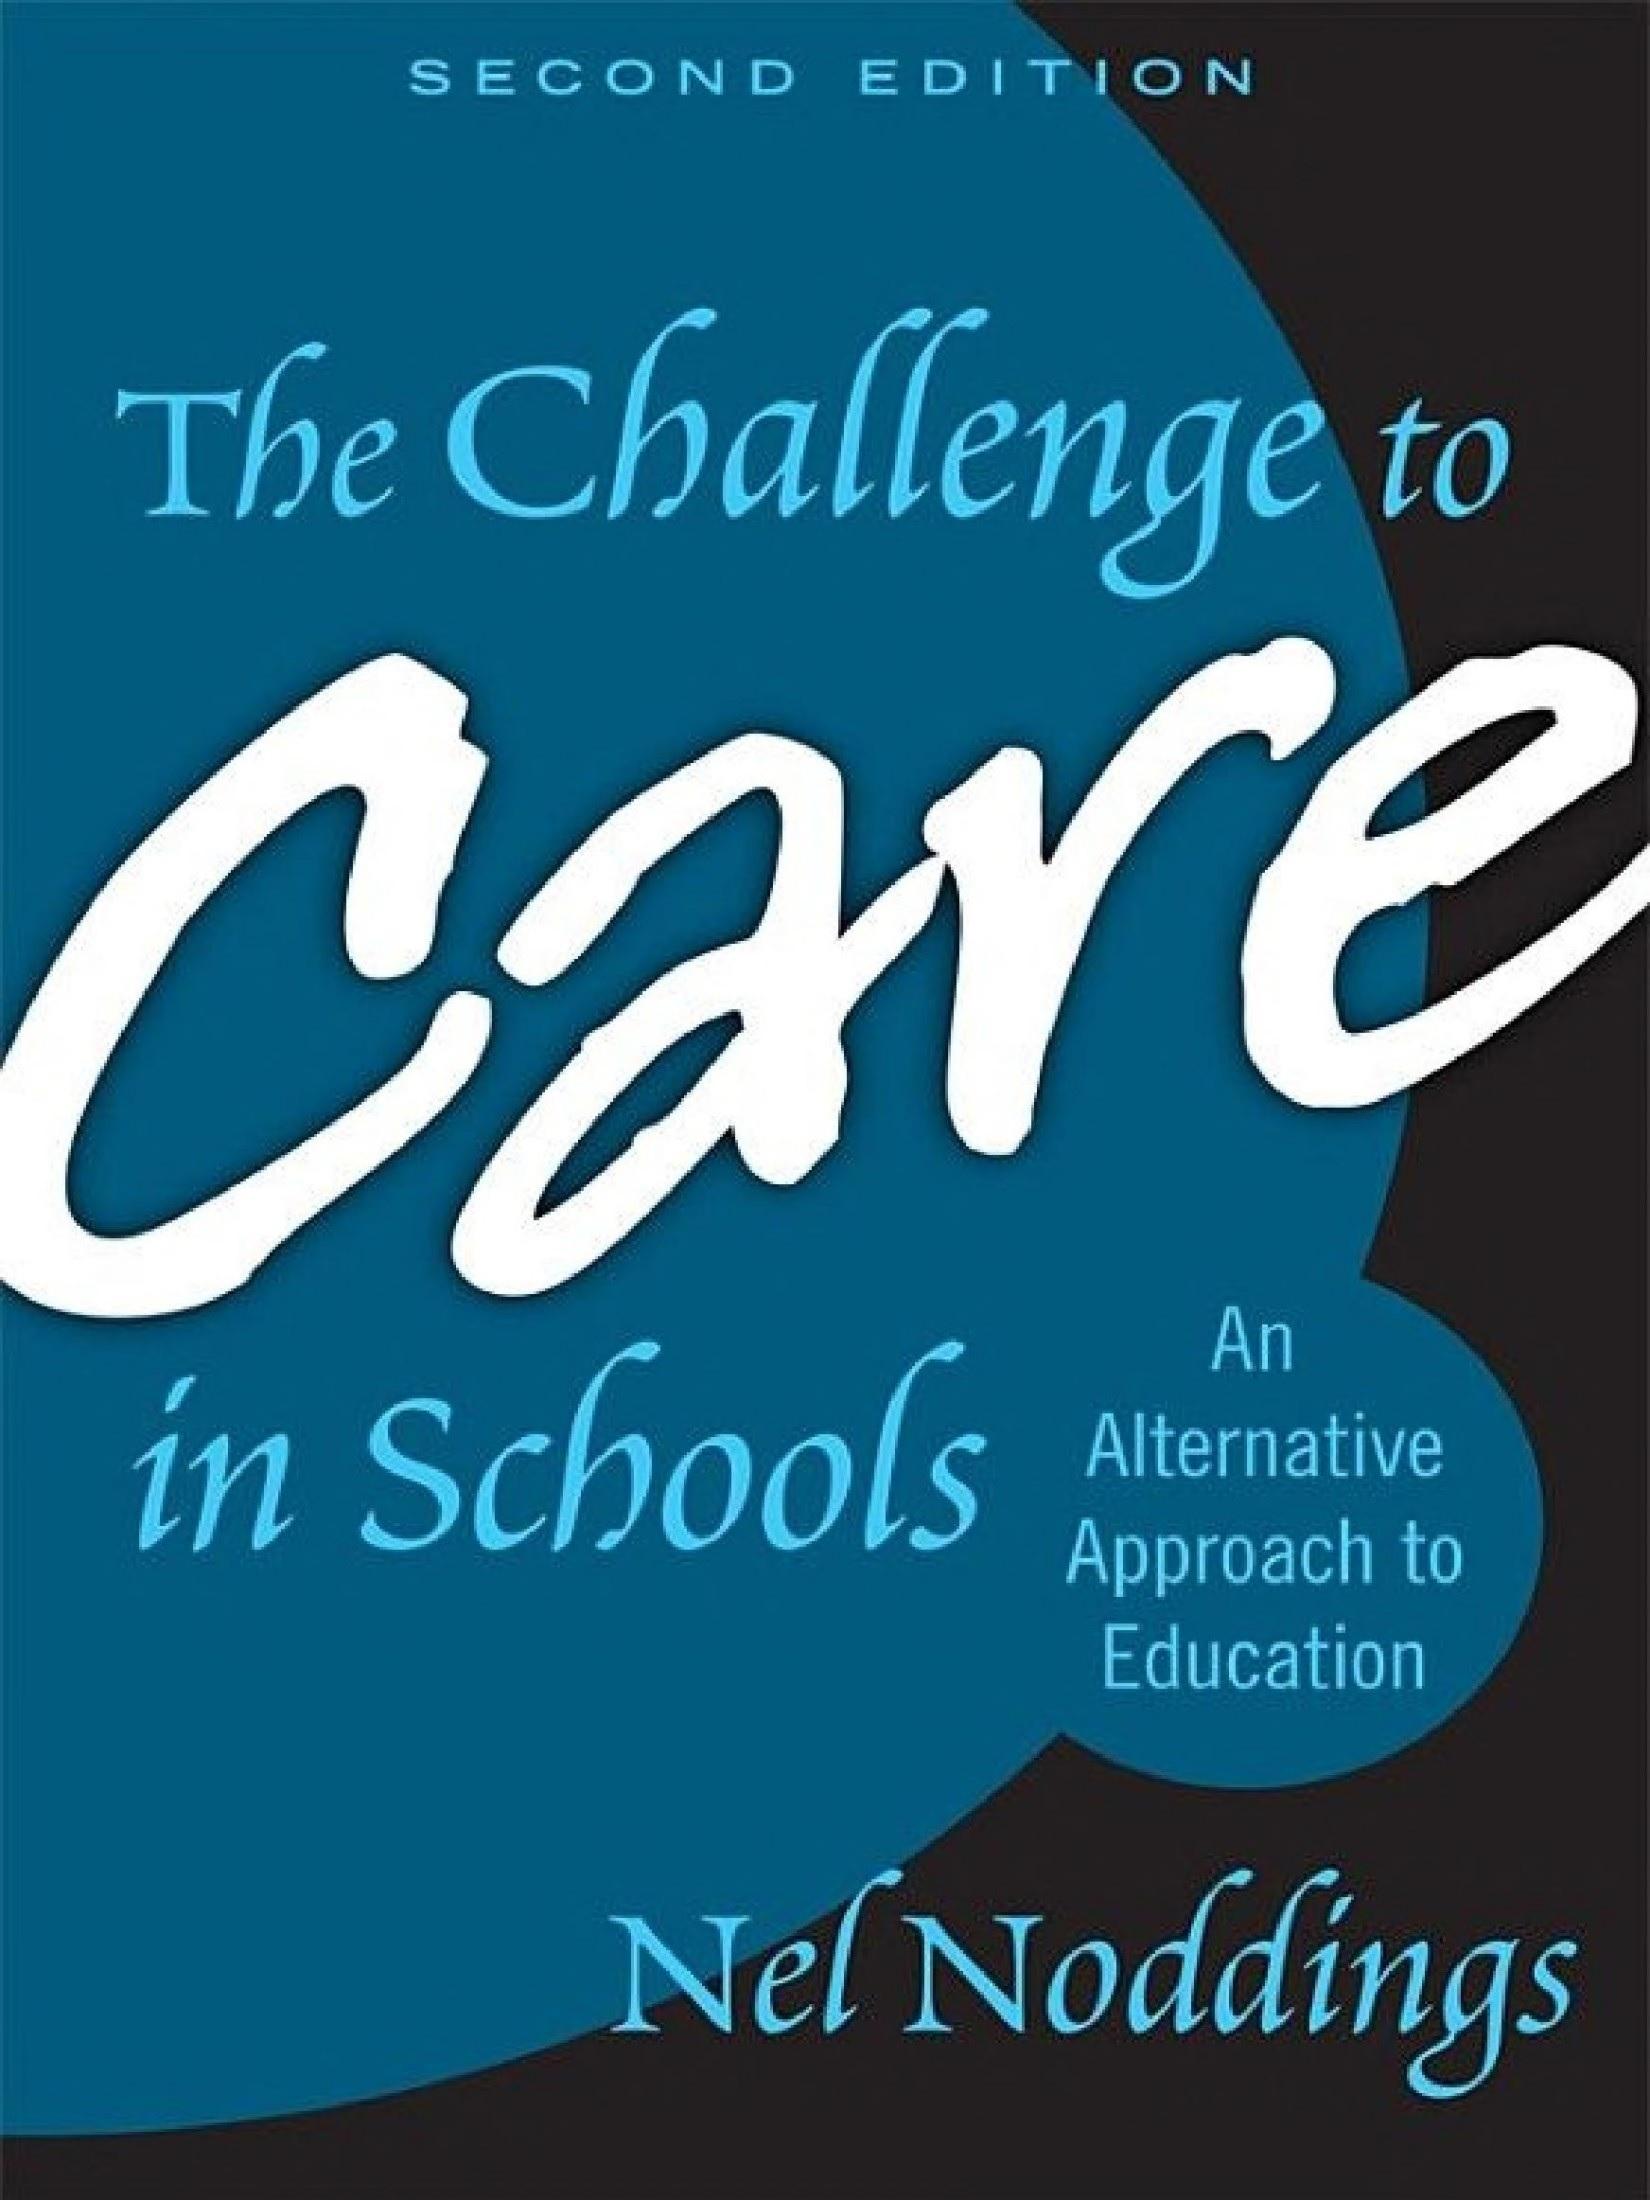 چالش های غمخواری در مدارس: رویکردی بدیل در تعلیم و تربیت (نادینگز، ۲۰۰۵)